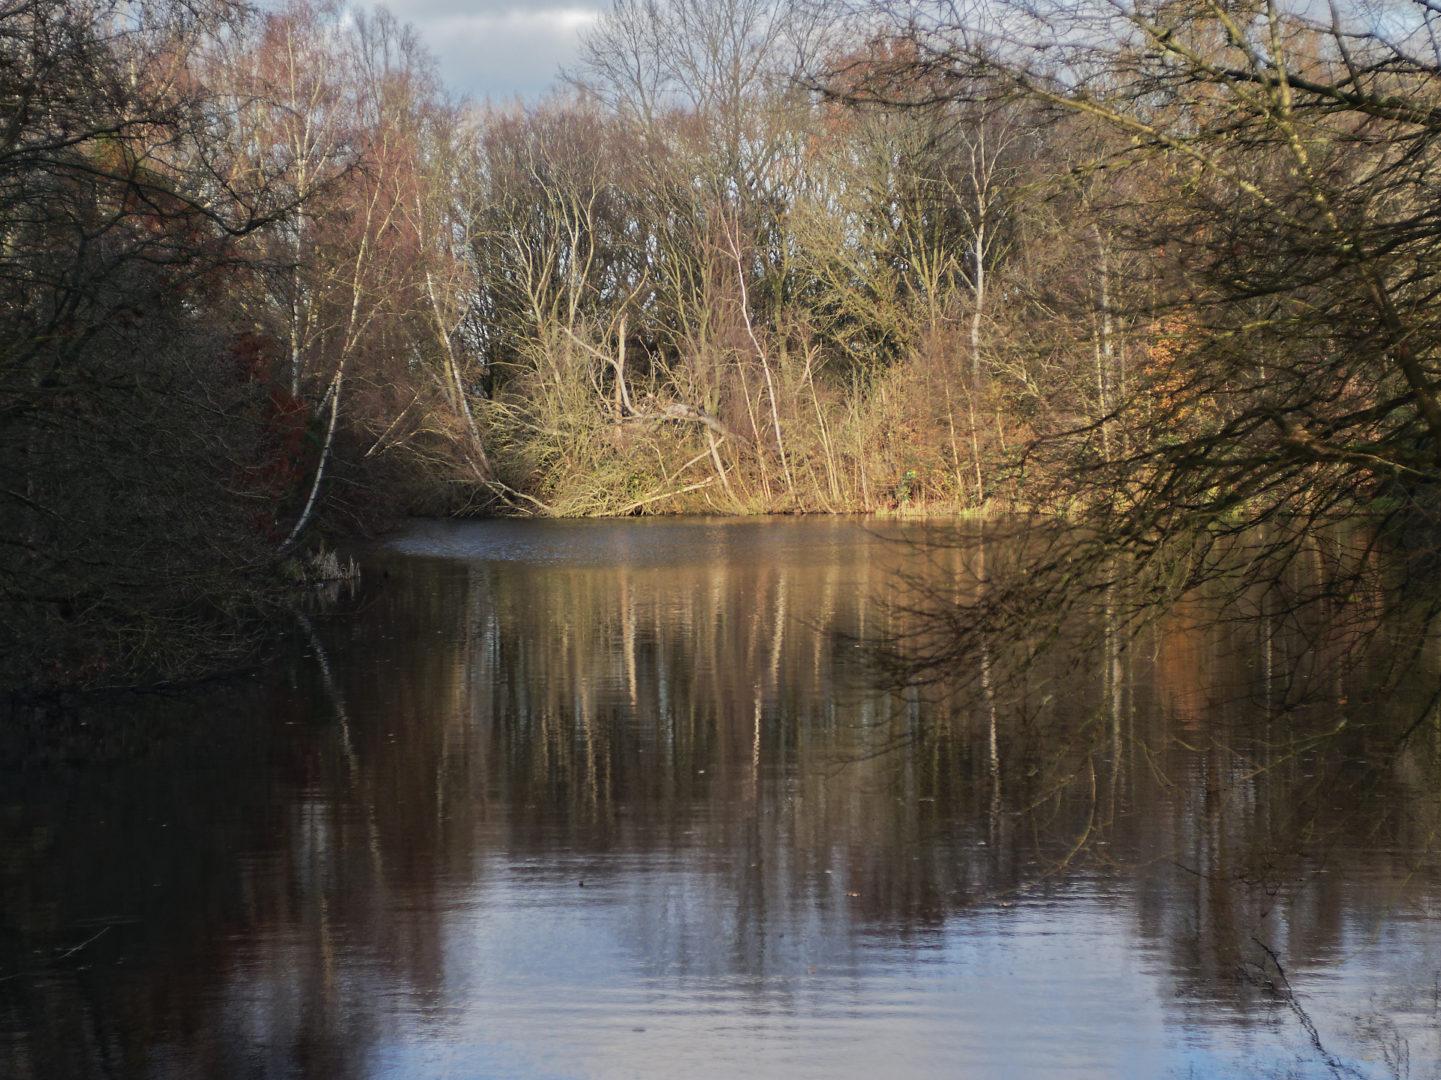 water en spiegeling van bomen